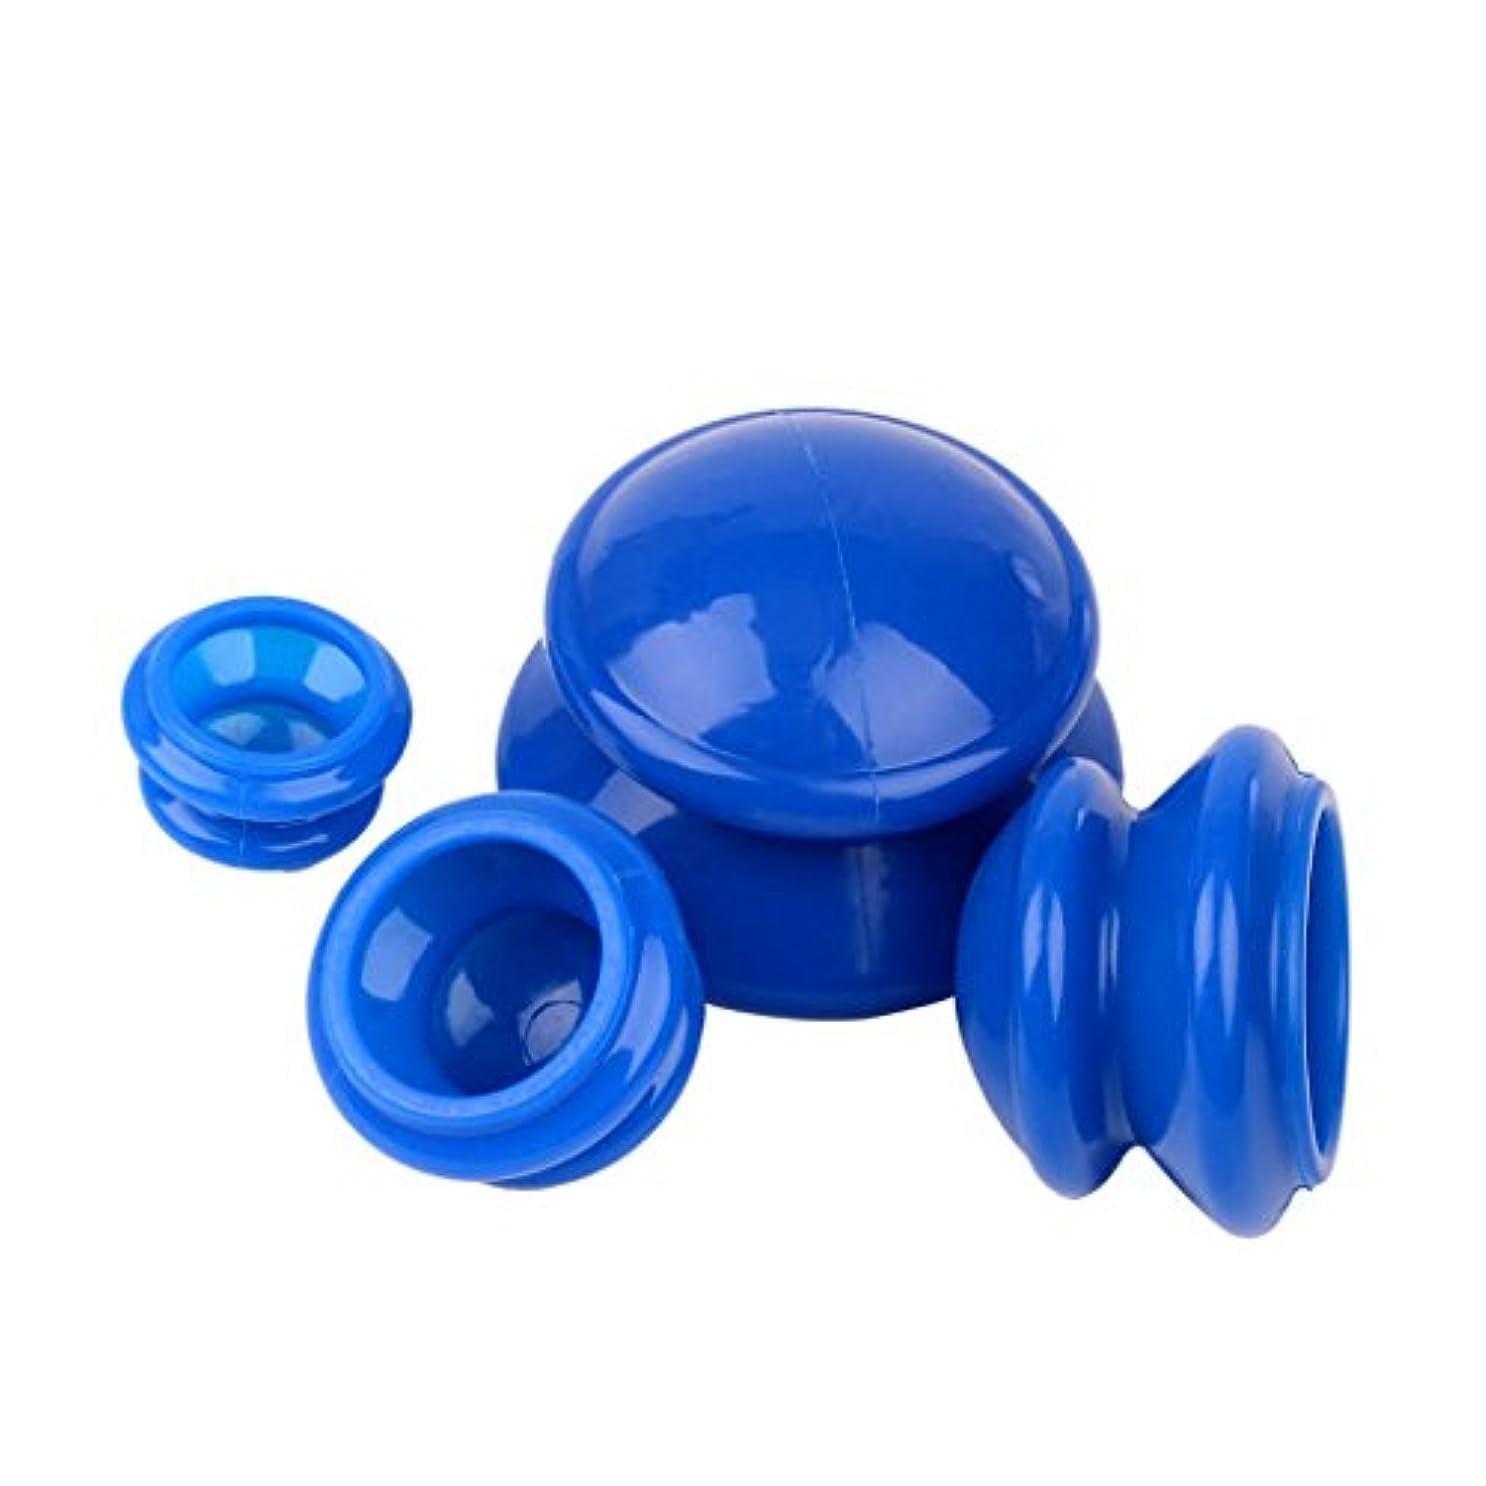 (inkint)マッサージ 吸い玉 カッピングカップ 4個セット バキュームカップ シリコーン製吸い玉 ネック 顔全身マッサージ フィットネスケア 血流促進 マッサージャー ブルー